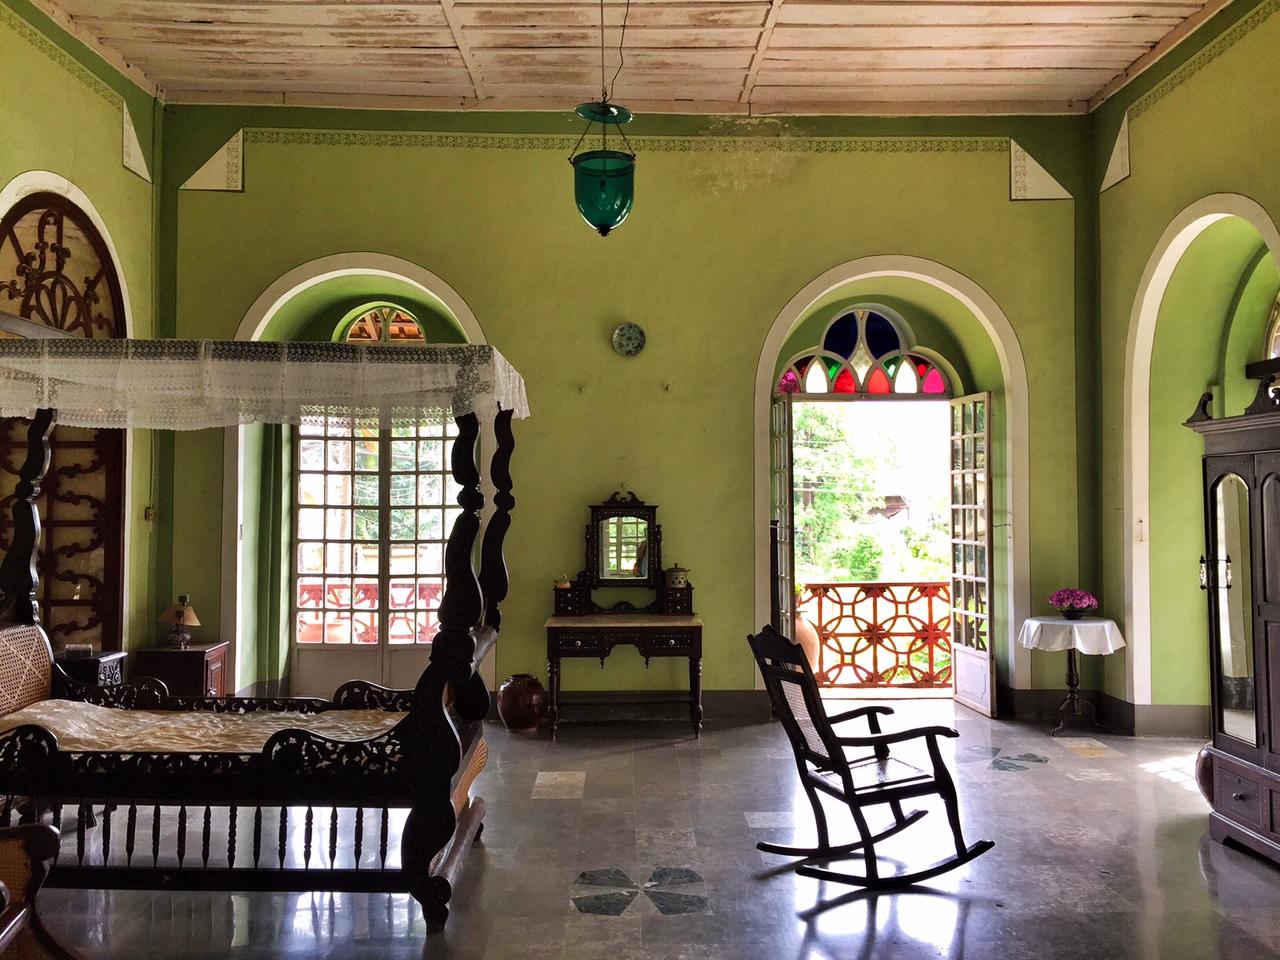 Menezes Braganza Pereira House   a Heritage House in Goa